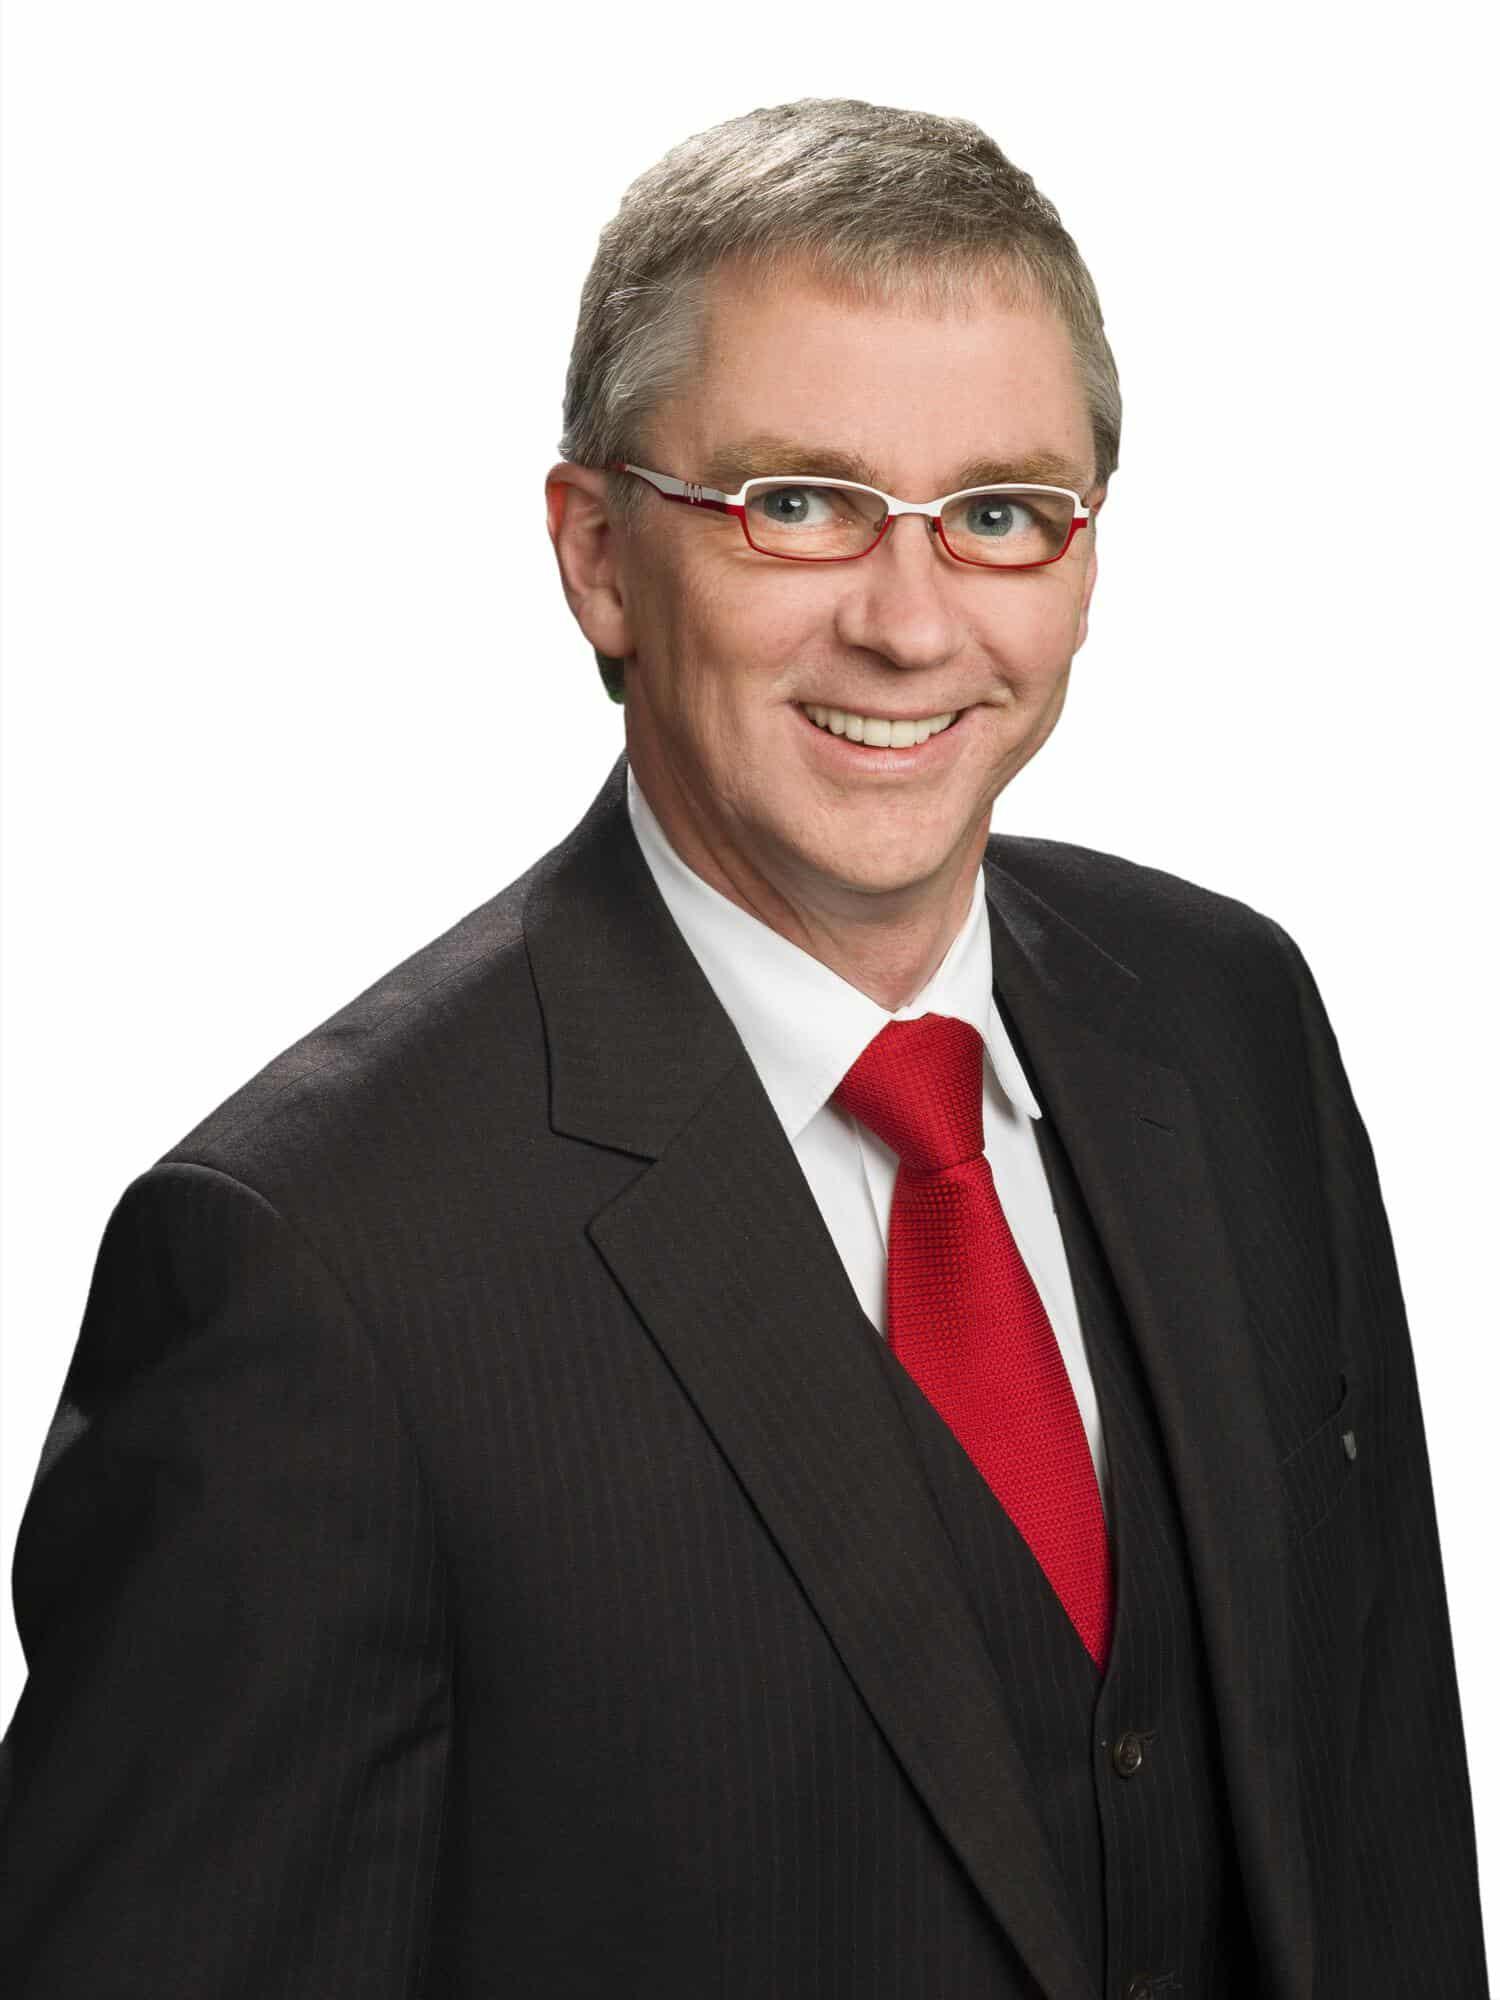 Frank Heinrichs